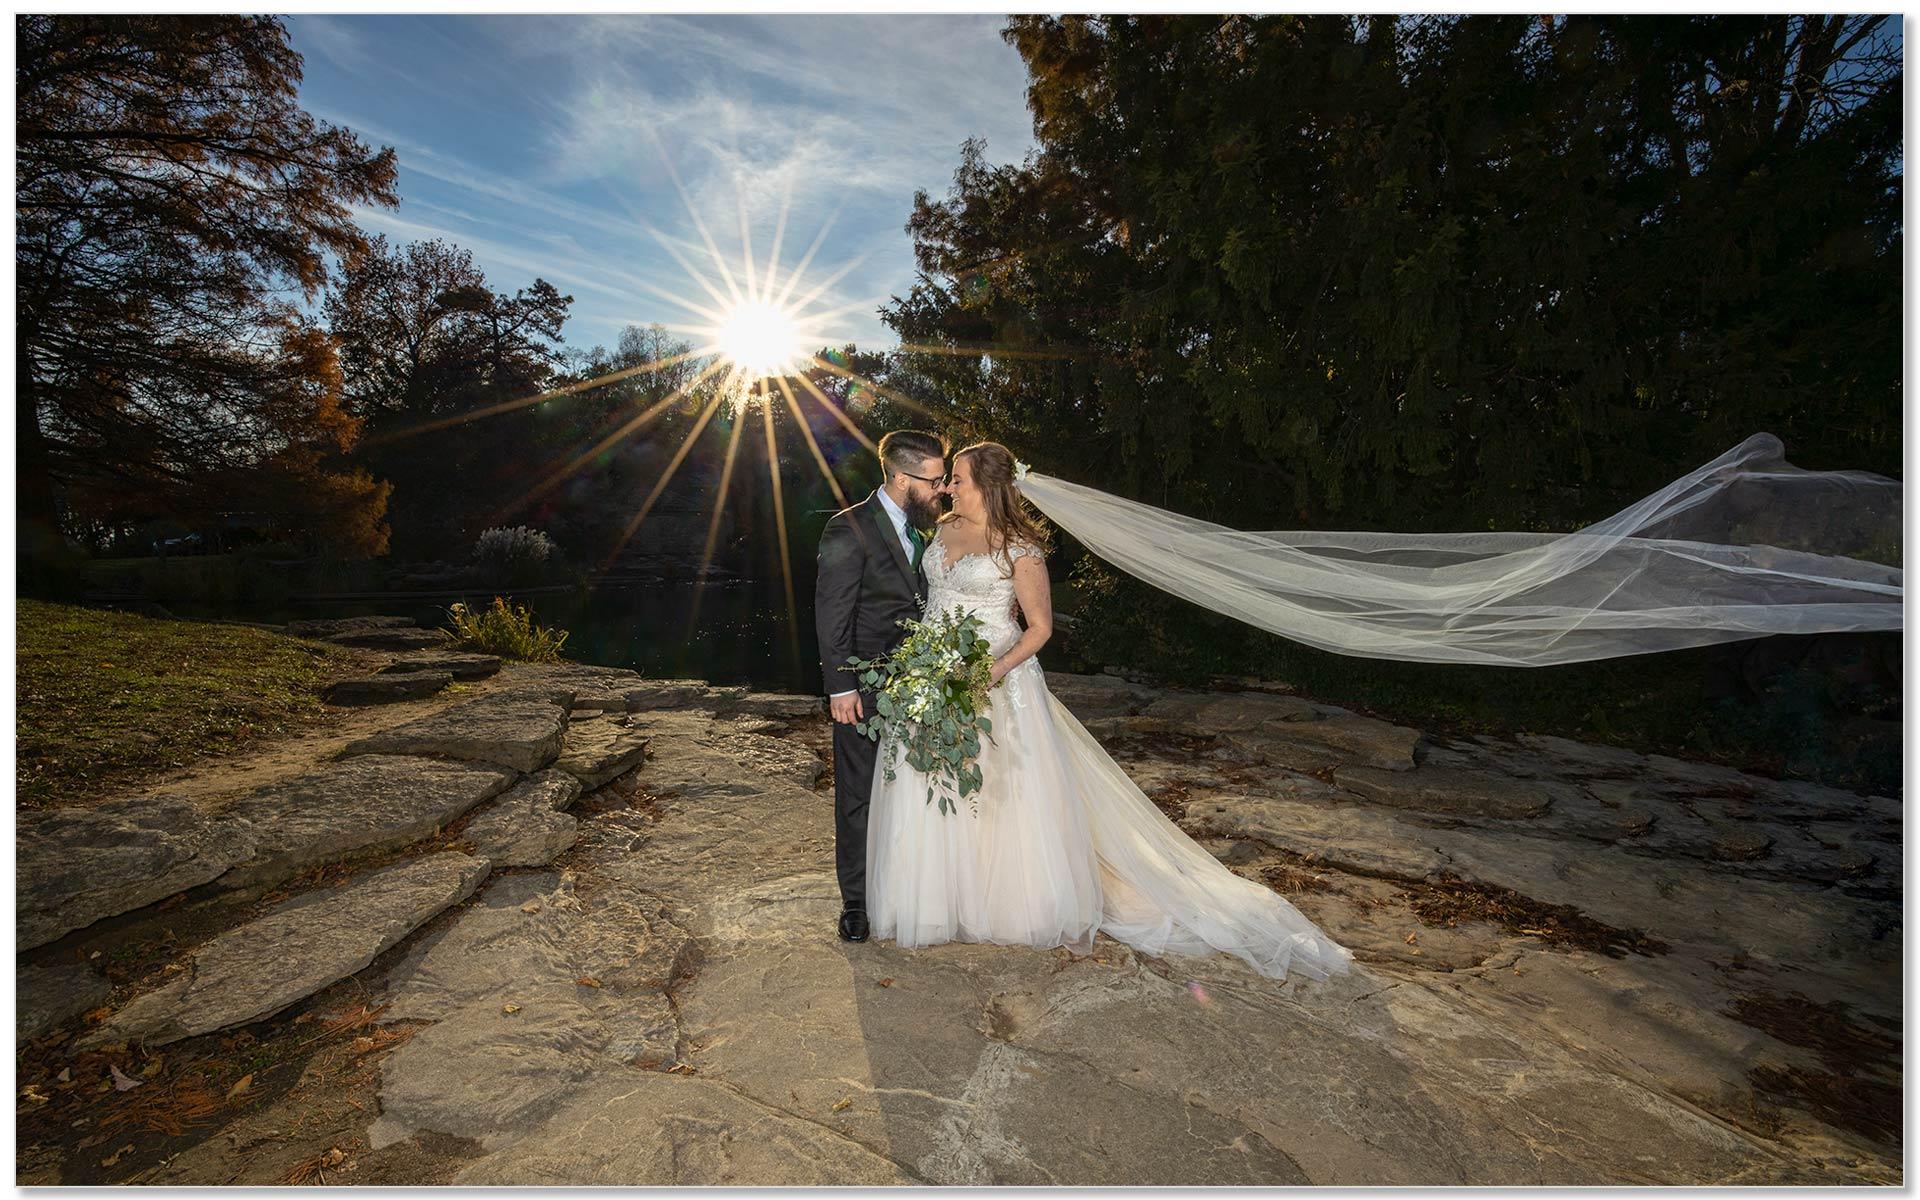 Eden Park Cincinnati sunset bride